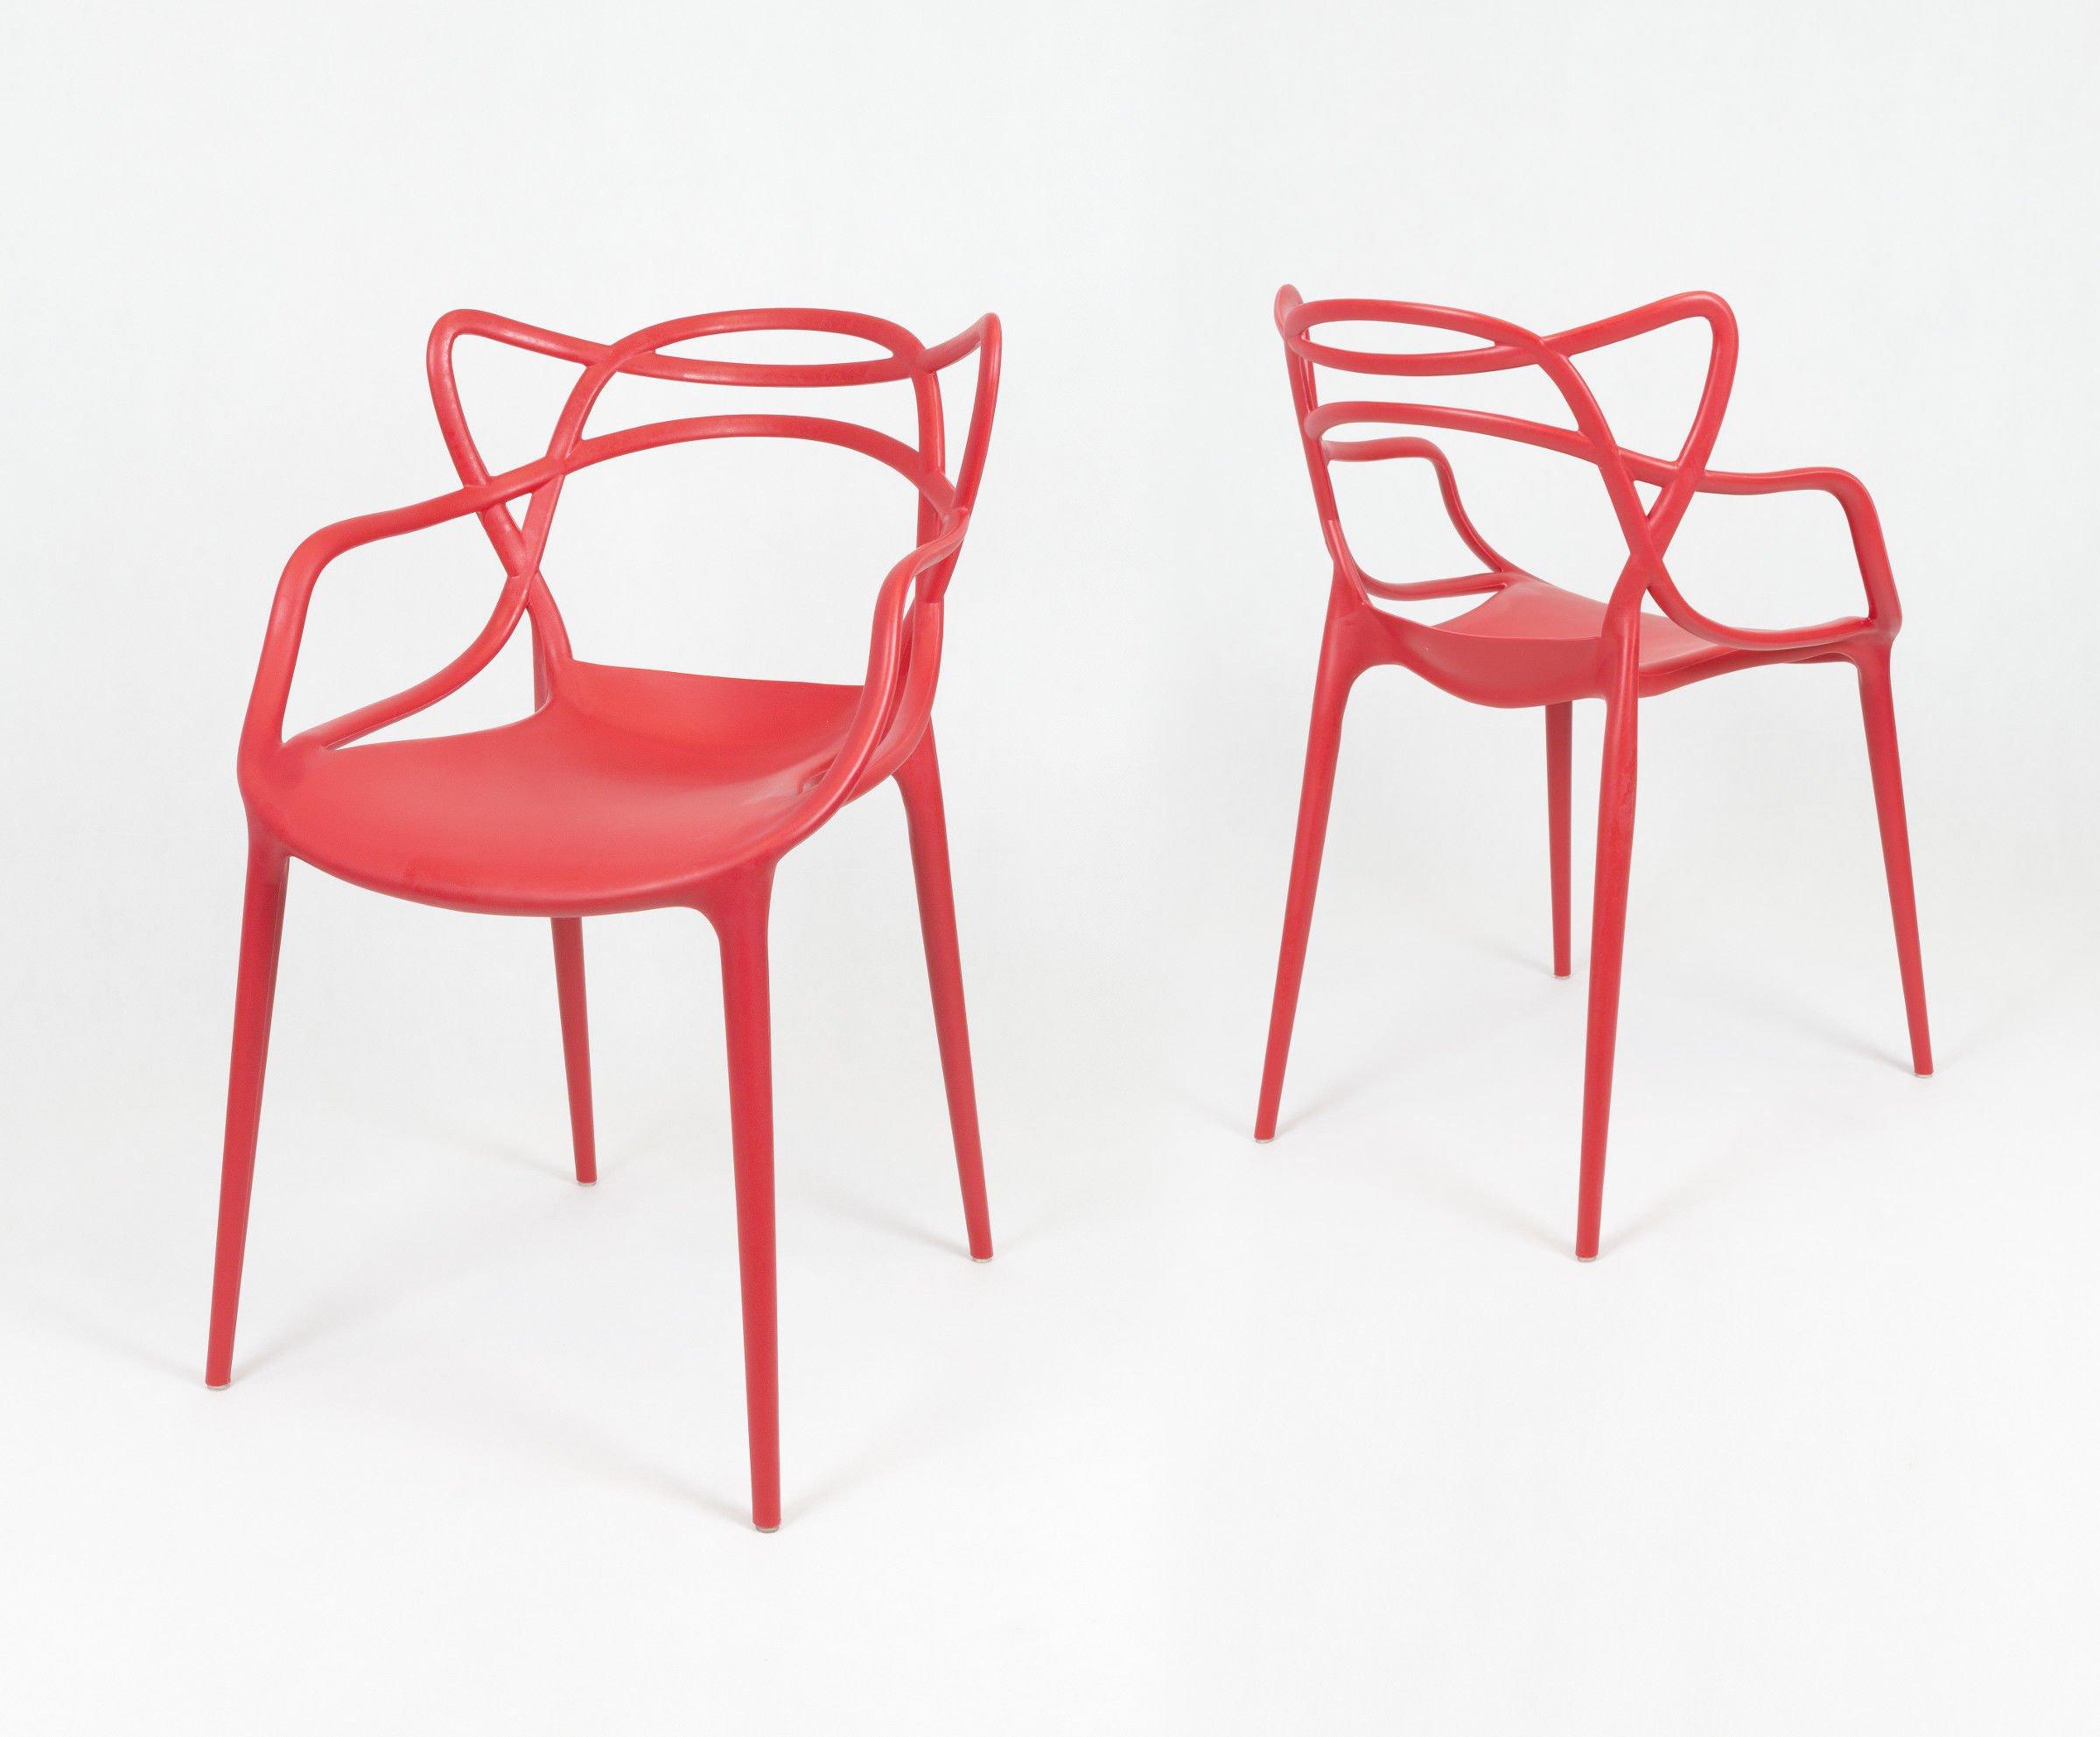 Sk design kr013 rot stuhl rot angebot st hlen salon for Design stuhl rot